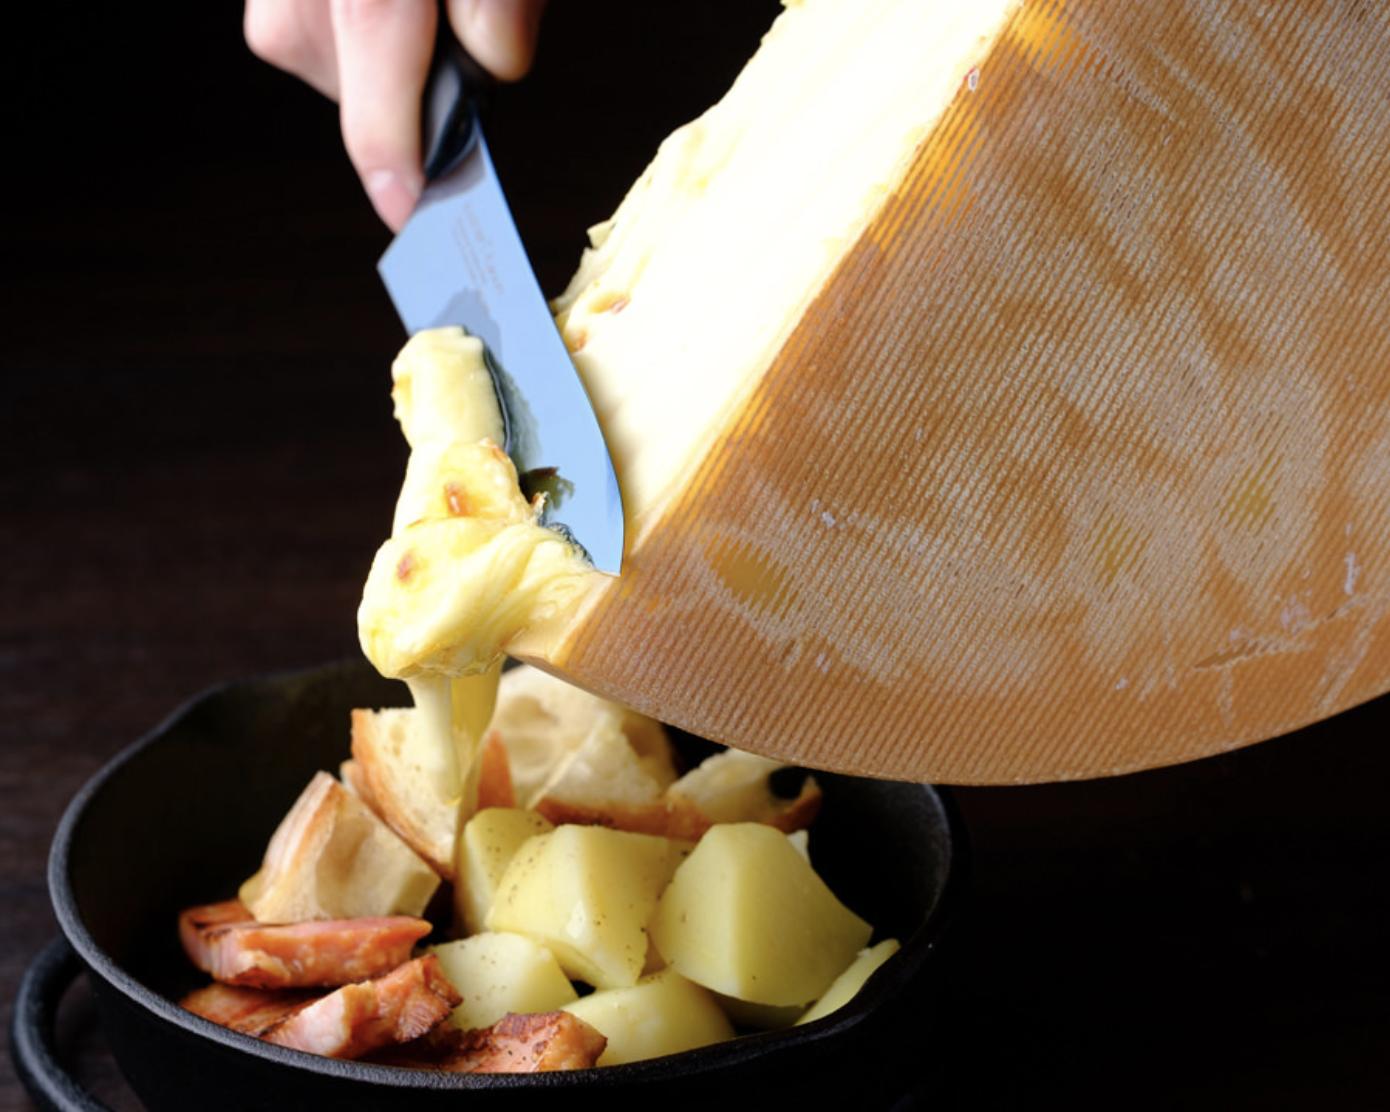 チーズ料理とワインブッフェの『Chambrer(シャンブレ)』が一社にオープン - 69478f06703f408be6039889e6d687cd